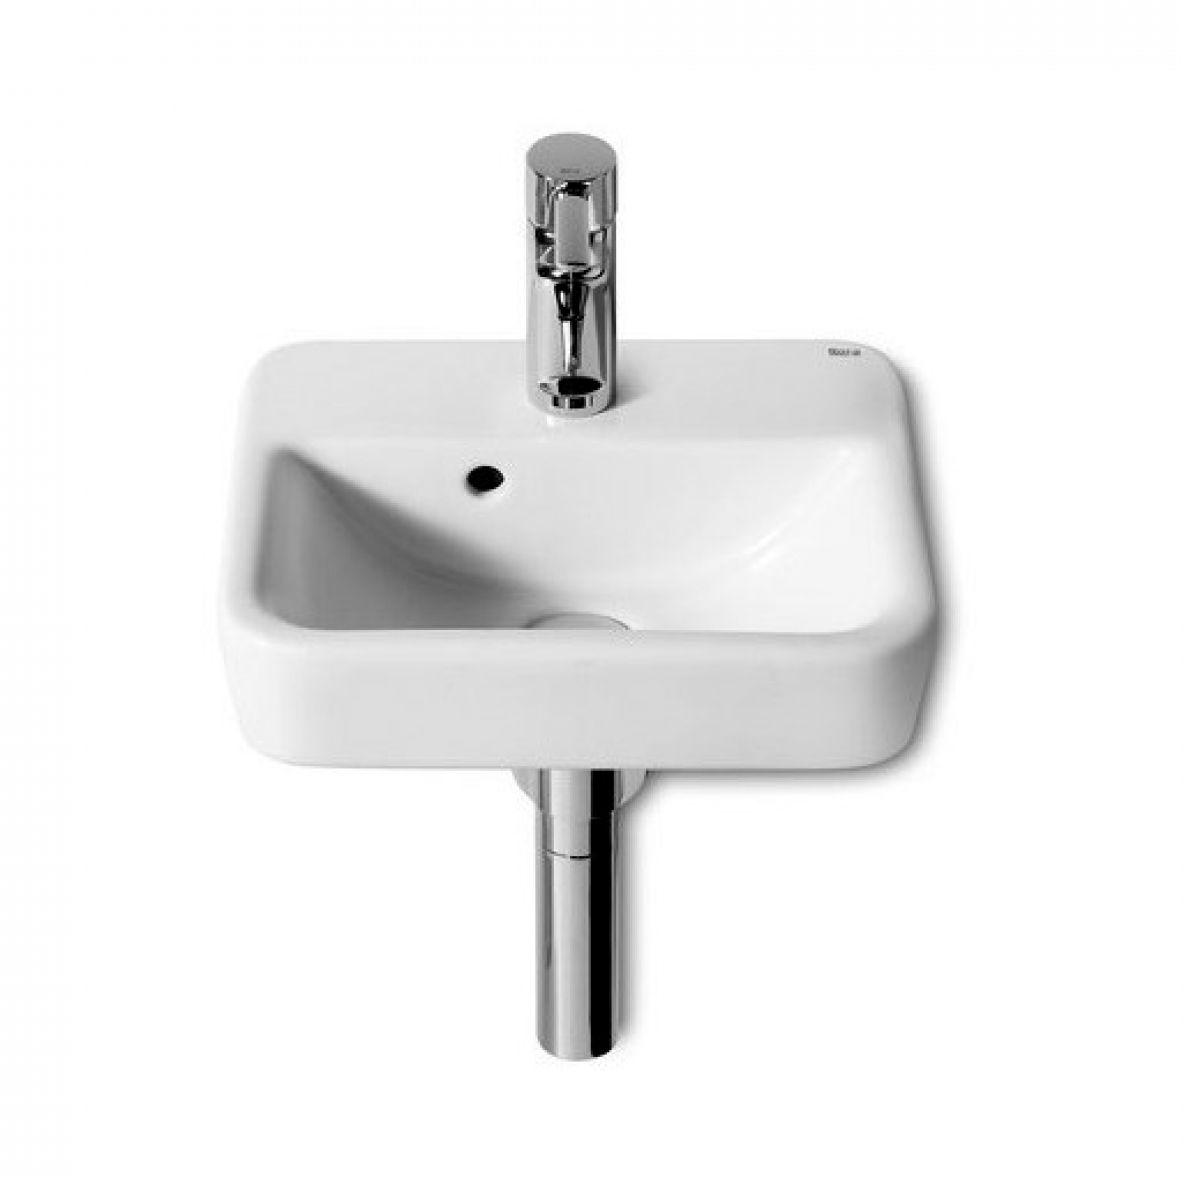 Roca senso square small 350mm cloakroom basin uk bathrooms for Roca cloakroom basin